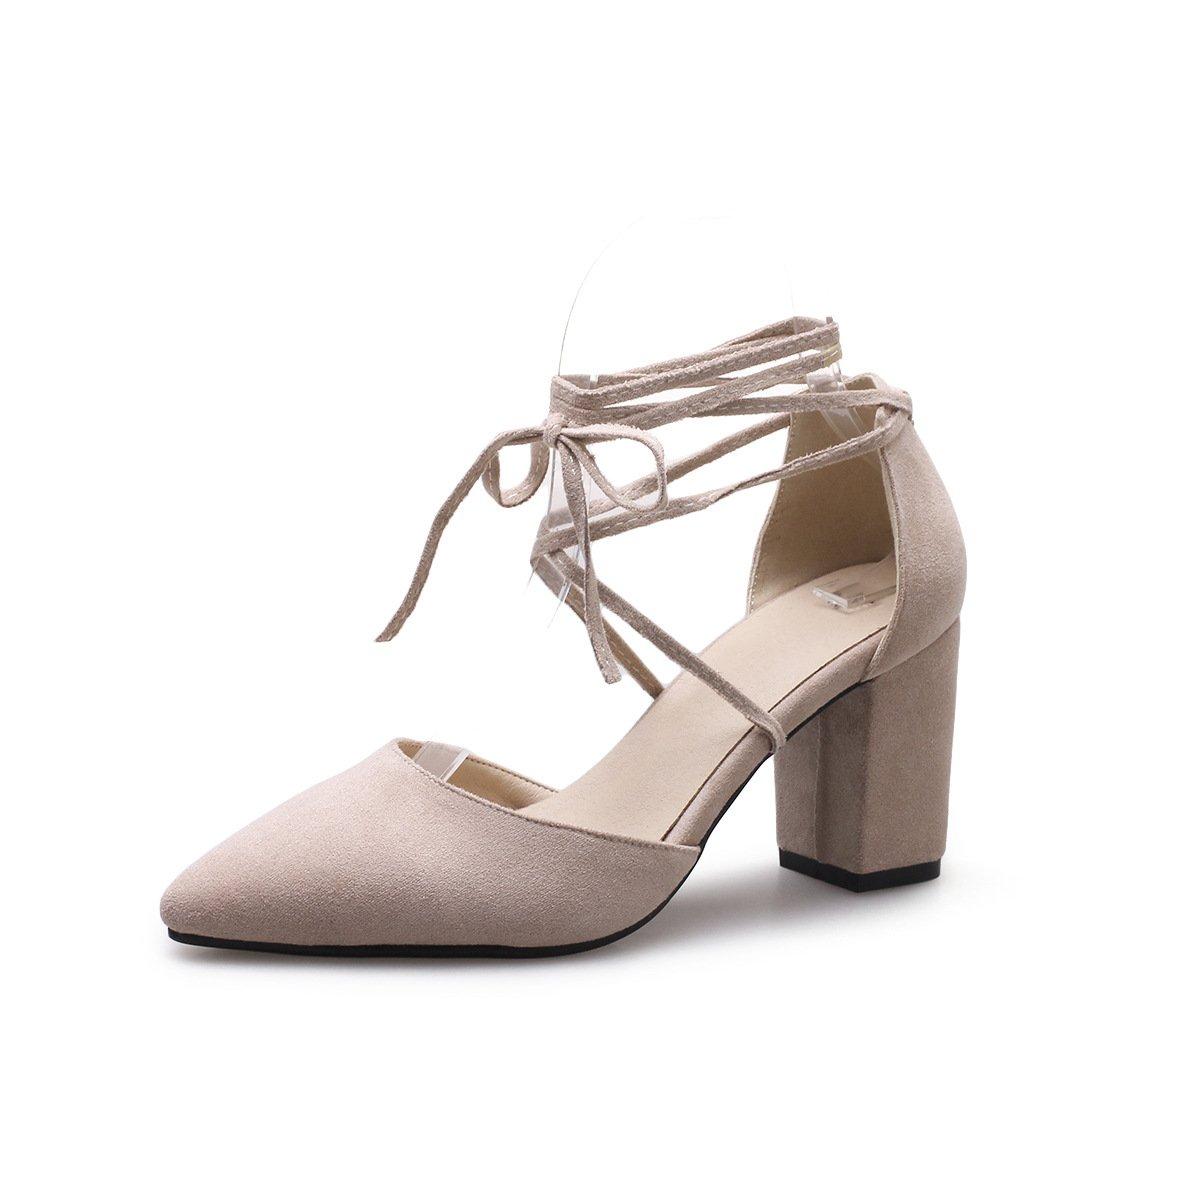 Damen Sandalen Spitzen Flachen Mund Farbe Dick mit Knöchelriemchen Reine Farbe Mund High Heels Aprikose 38 9ef95f